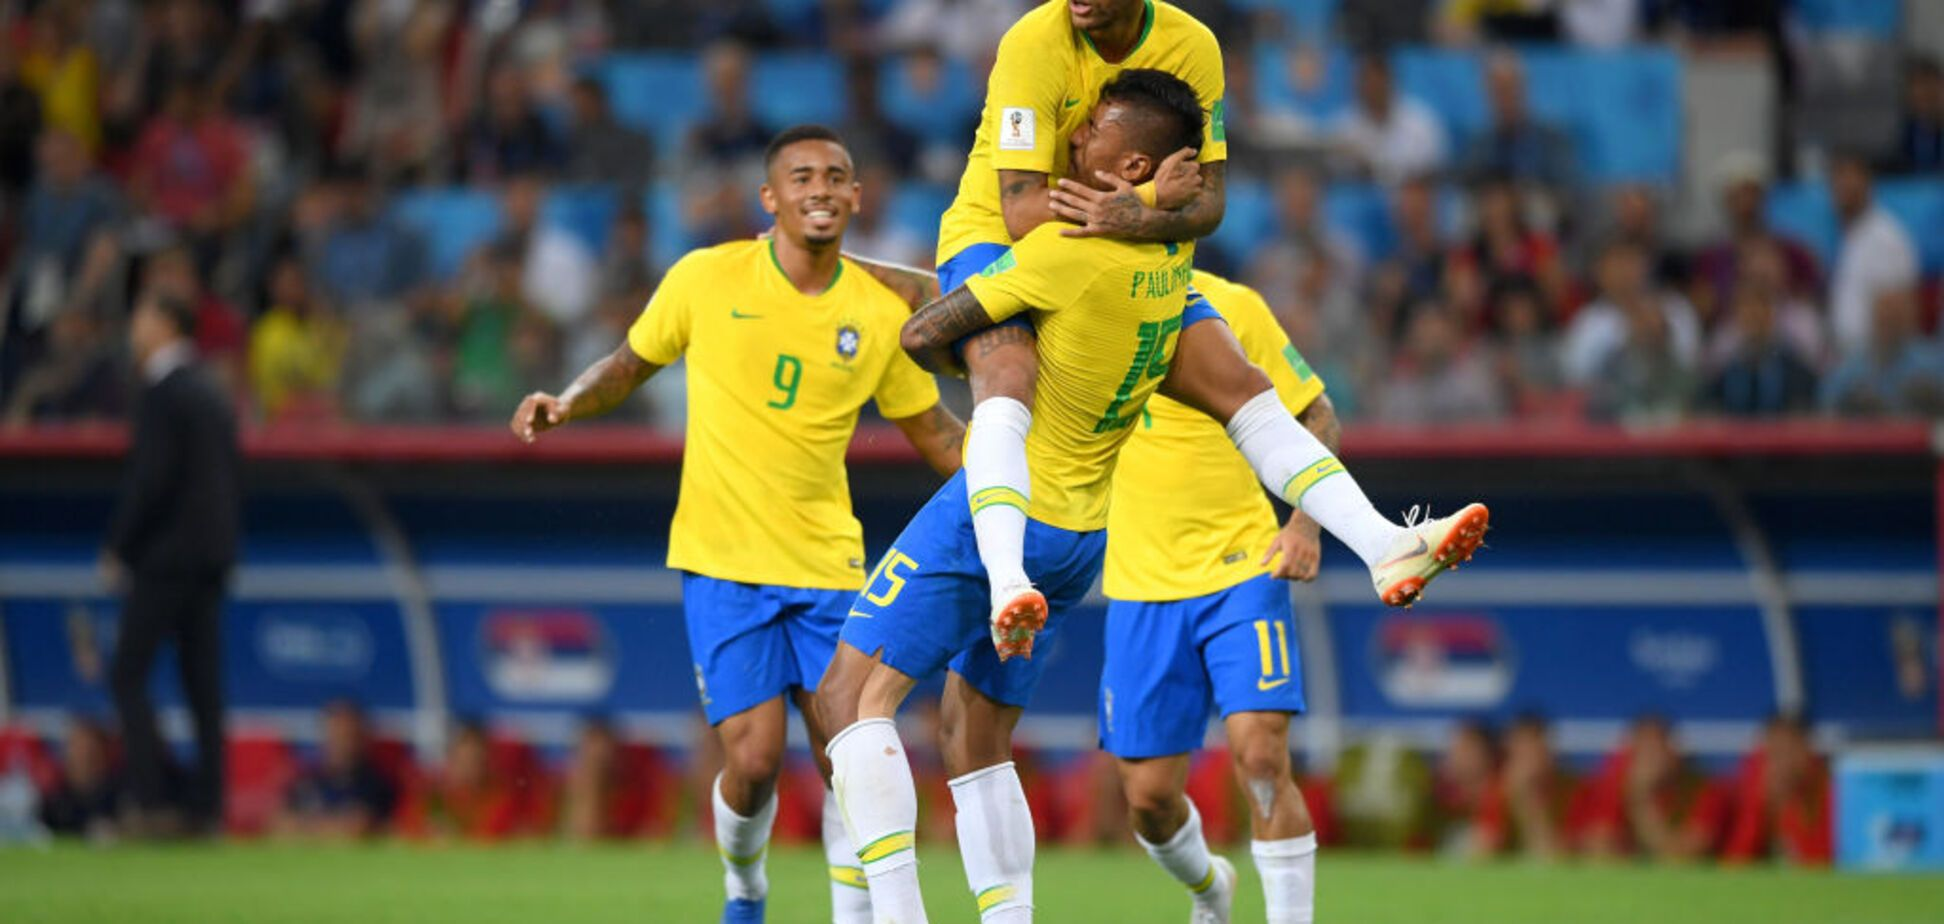 Гол Неймара! Бразилія - Мексика: онлайн-трансляція матчу плей-офф ЧС-2018